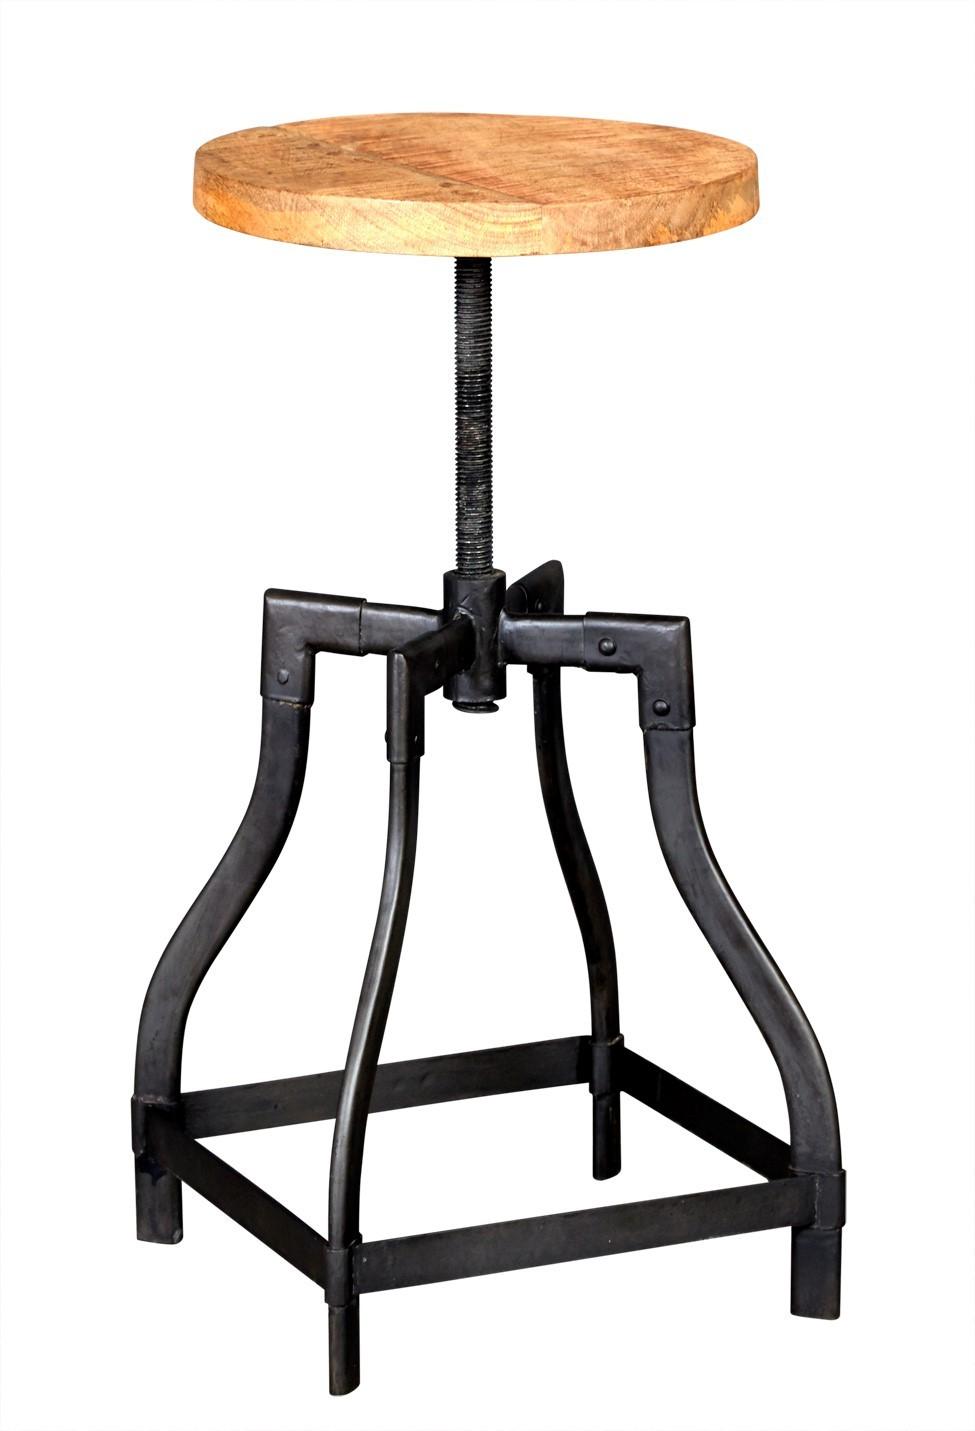 Imari Industrial Mango Stool Side Table